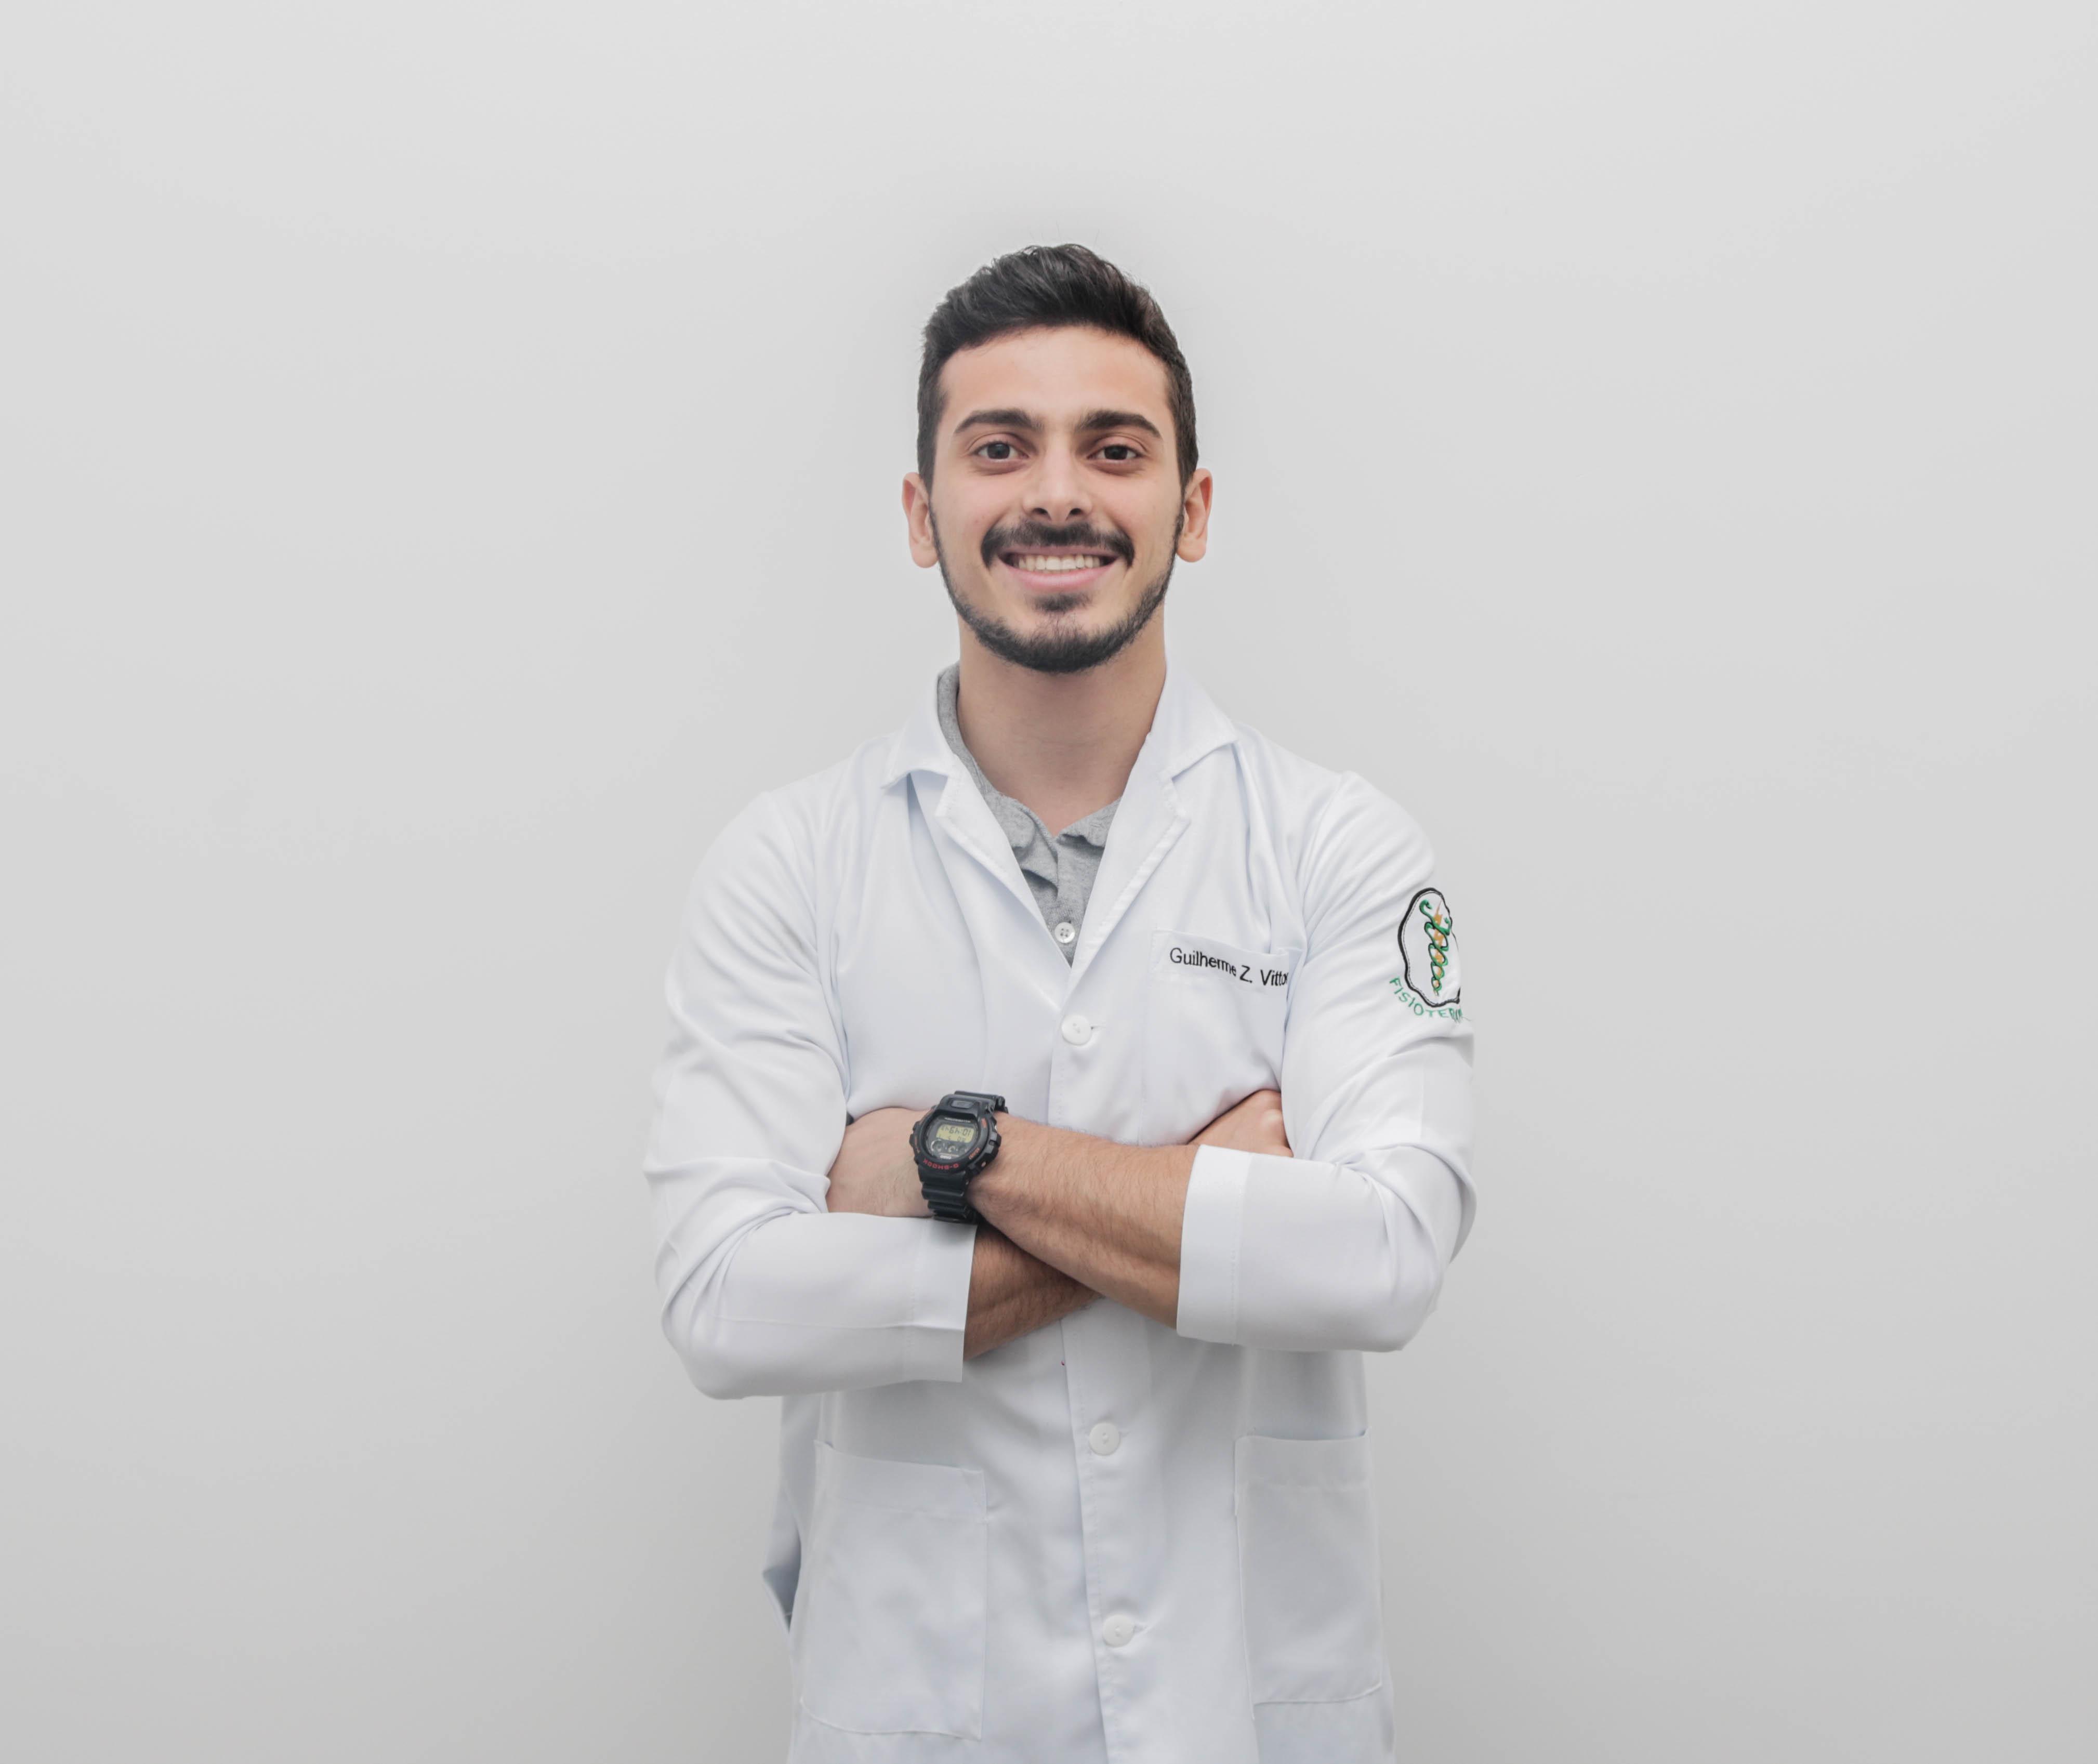 Guilherme Zani Vittorello